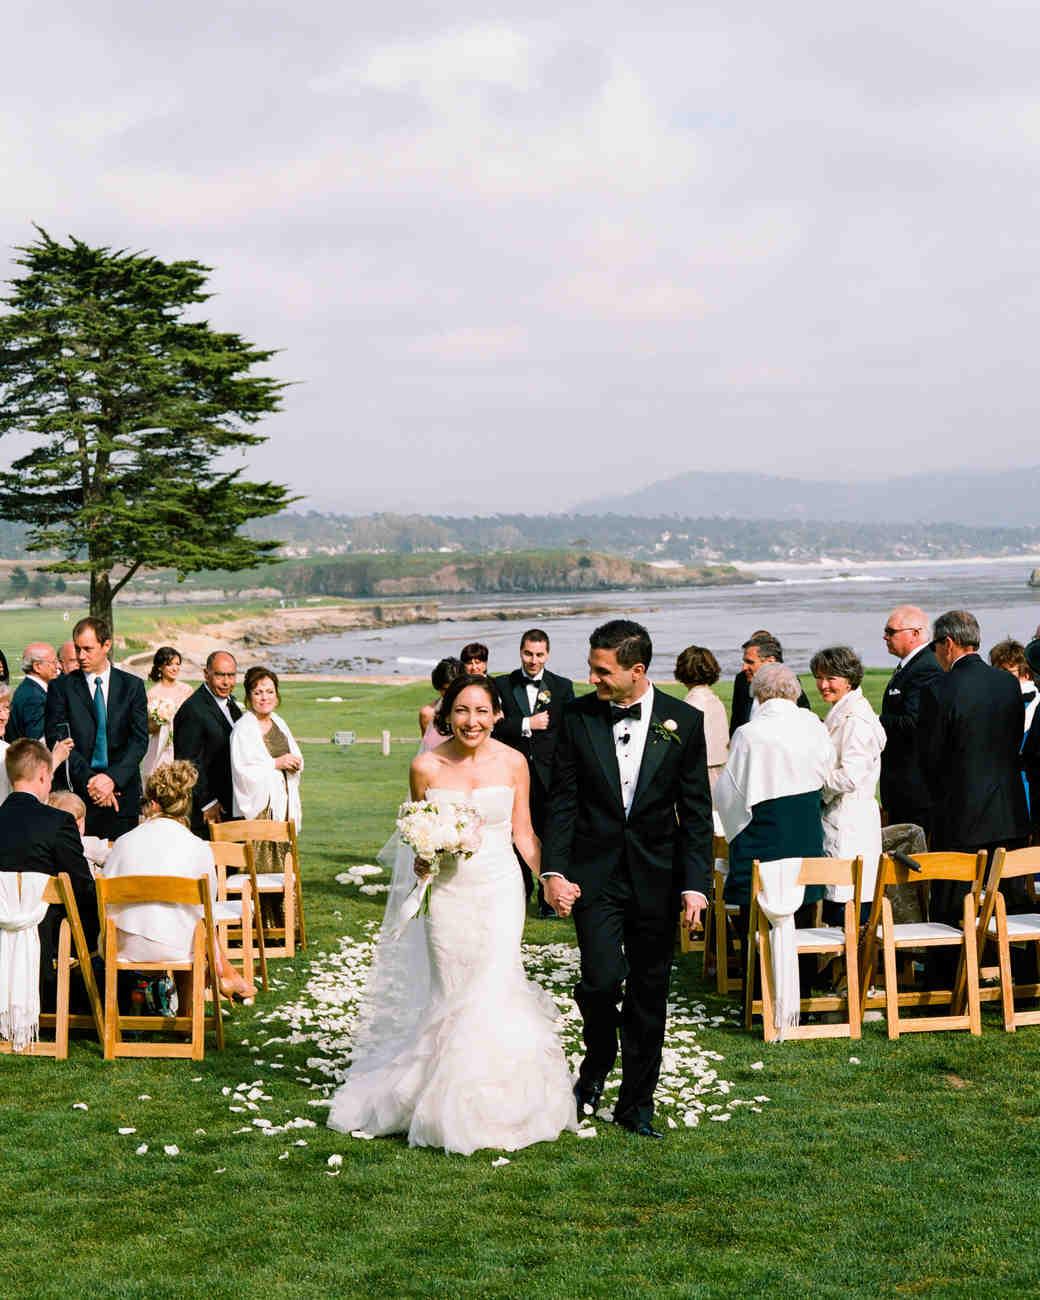 marwa-peter-wedding-portrait5-0414.jpg